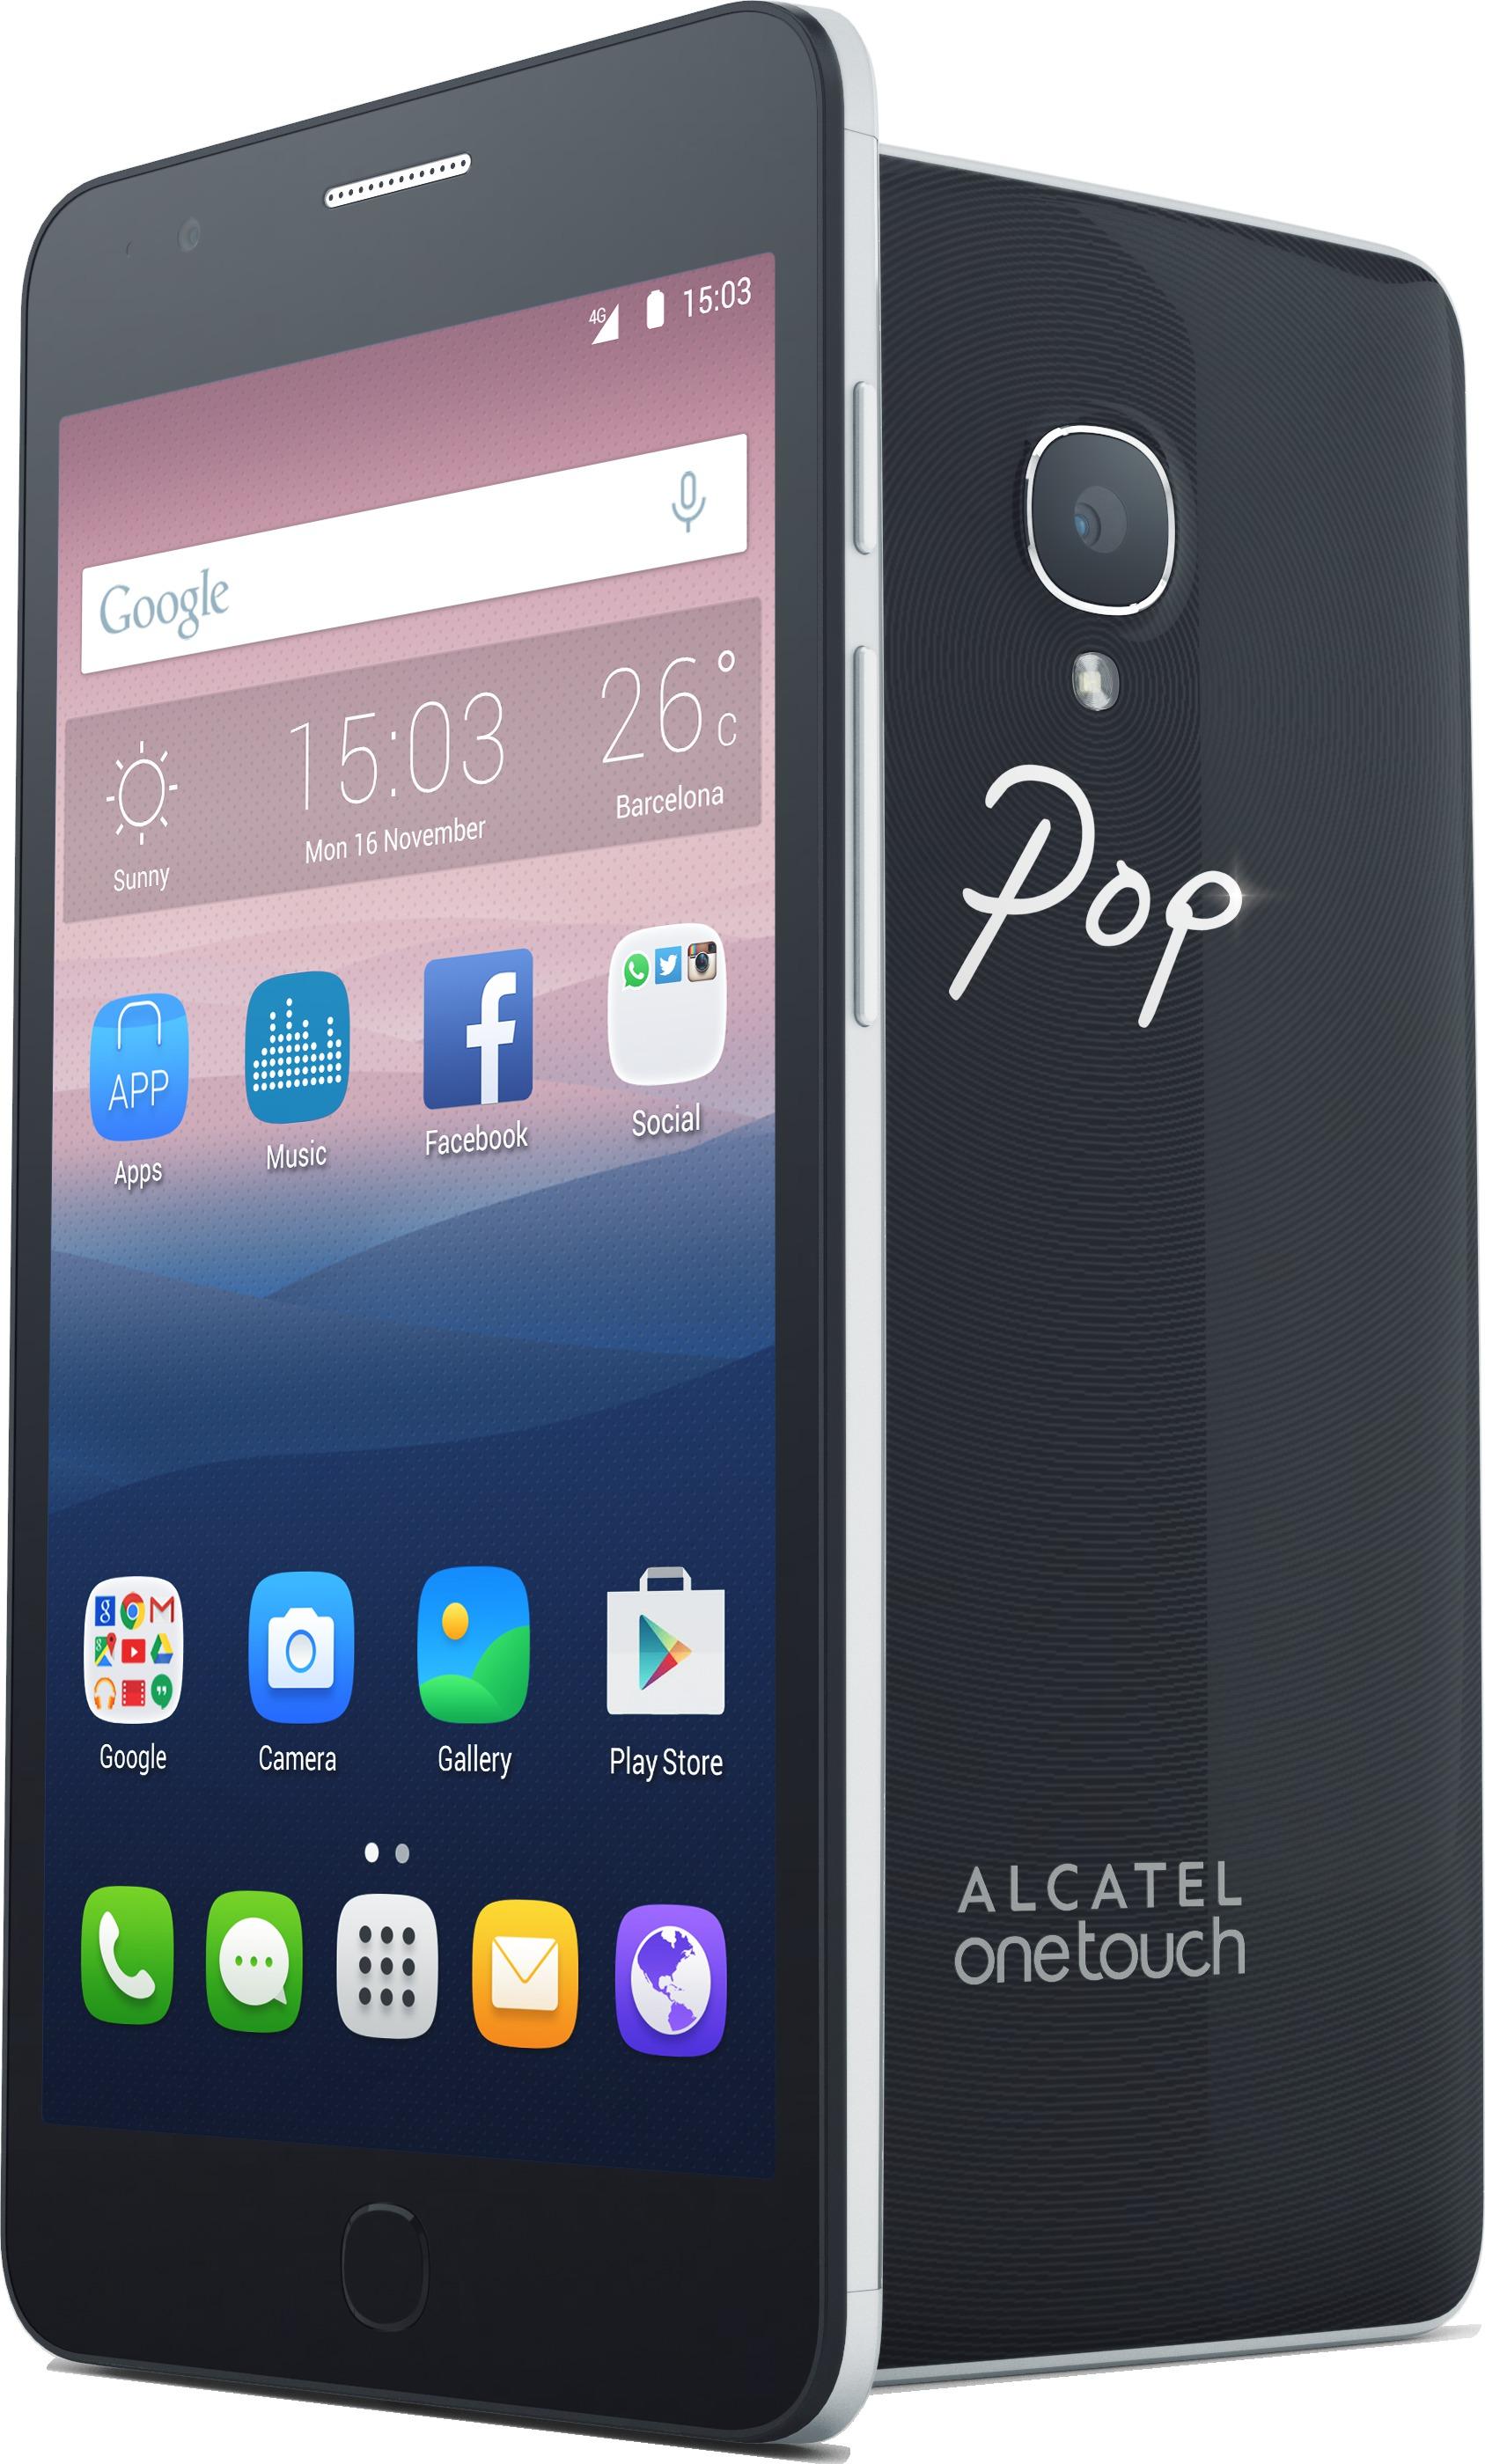 Alcatel onetouch pop up un smartphone coloré de pouces